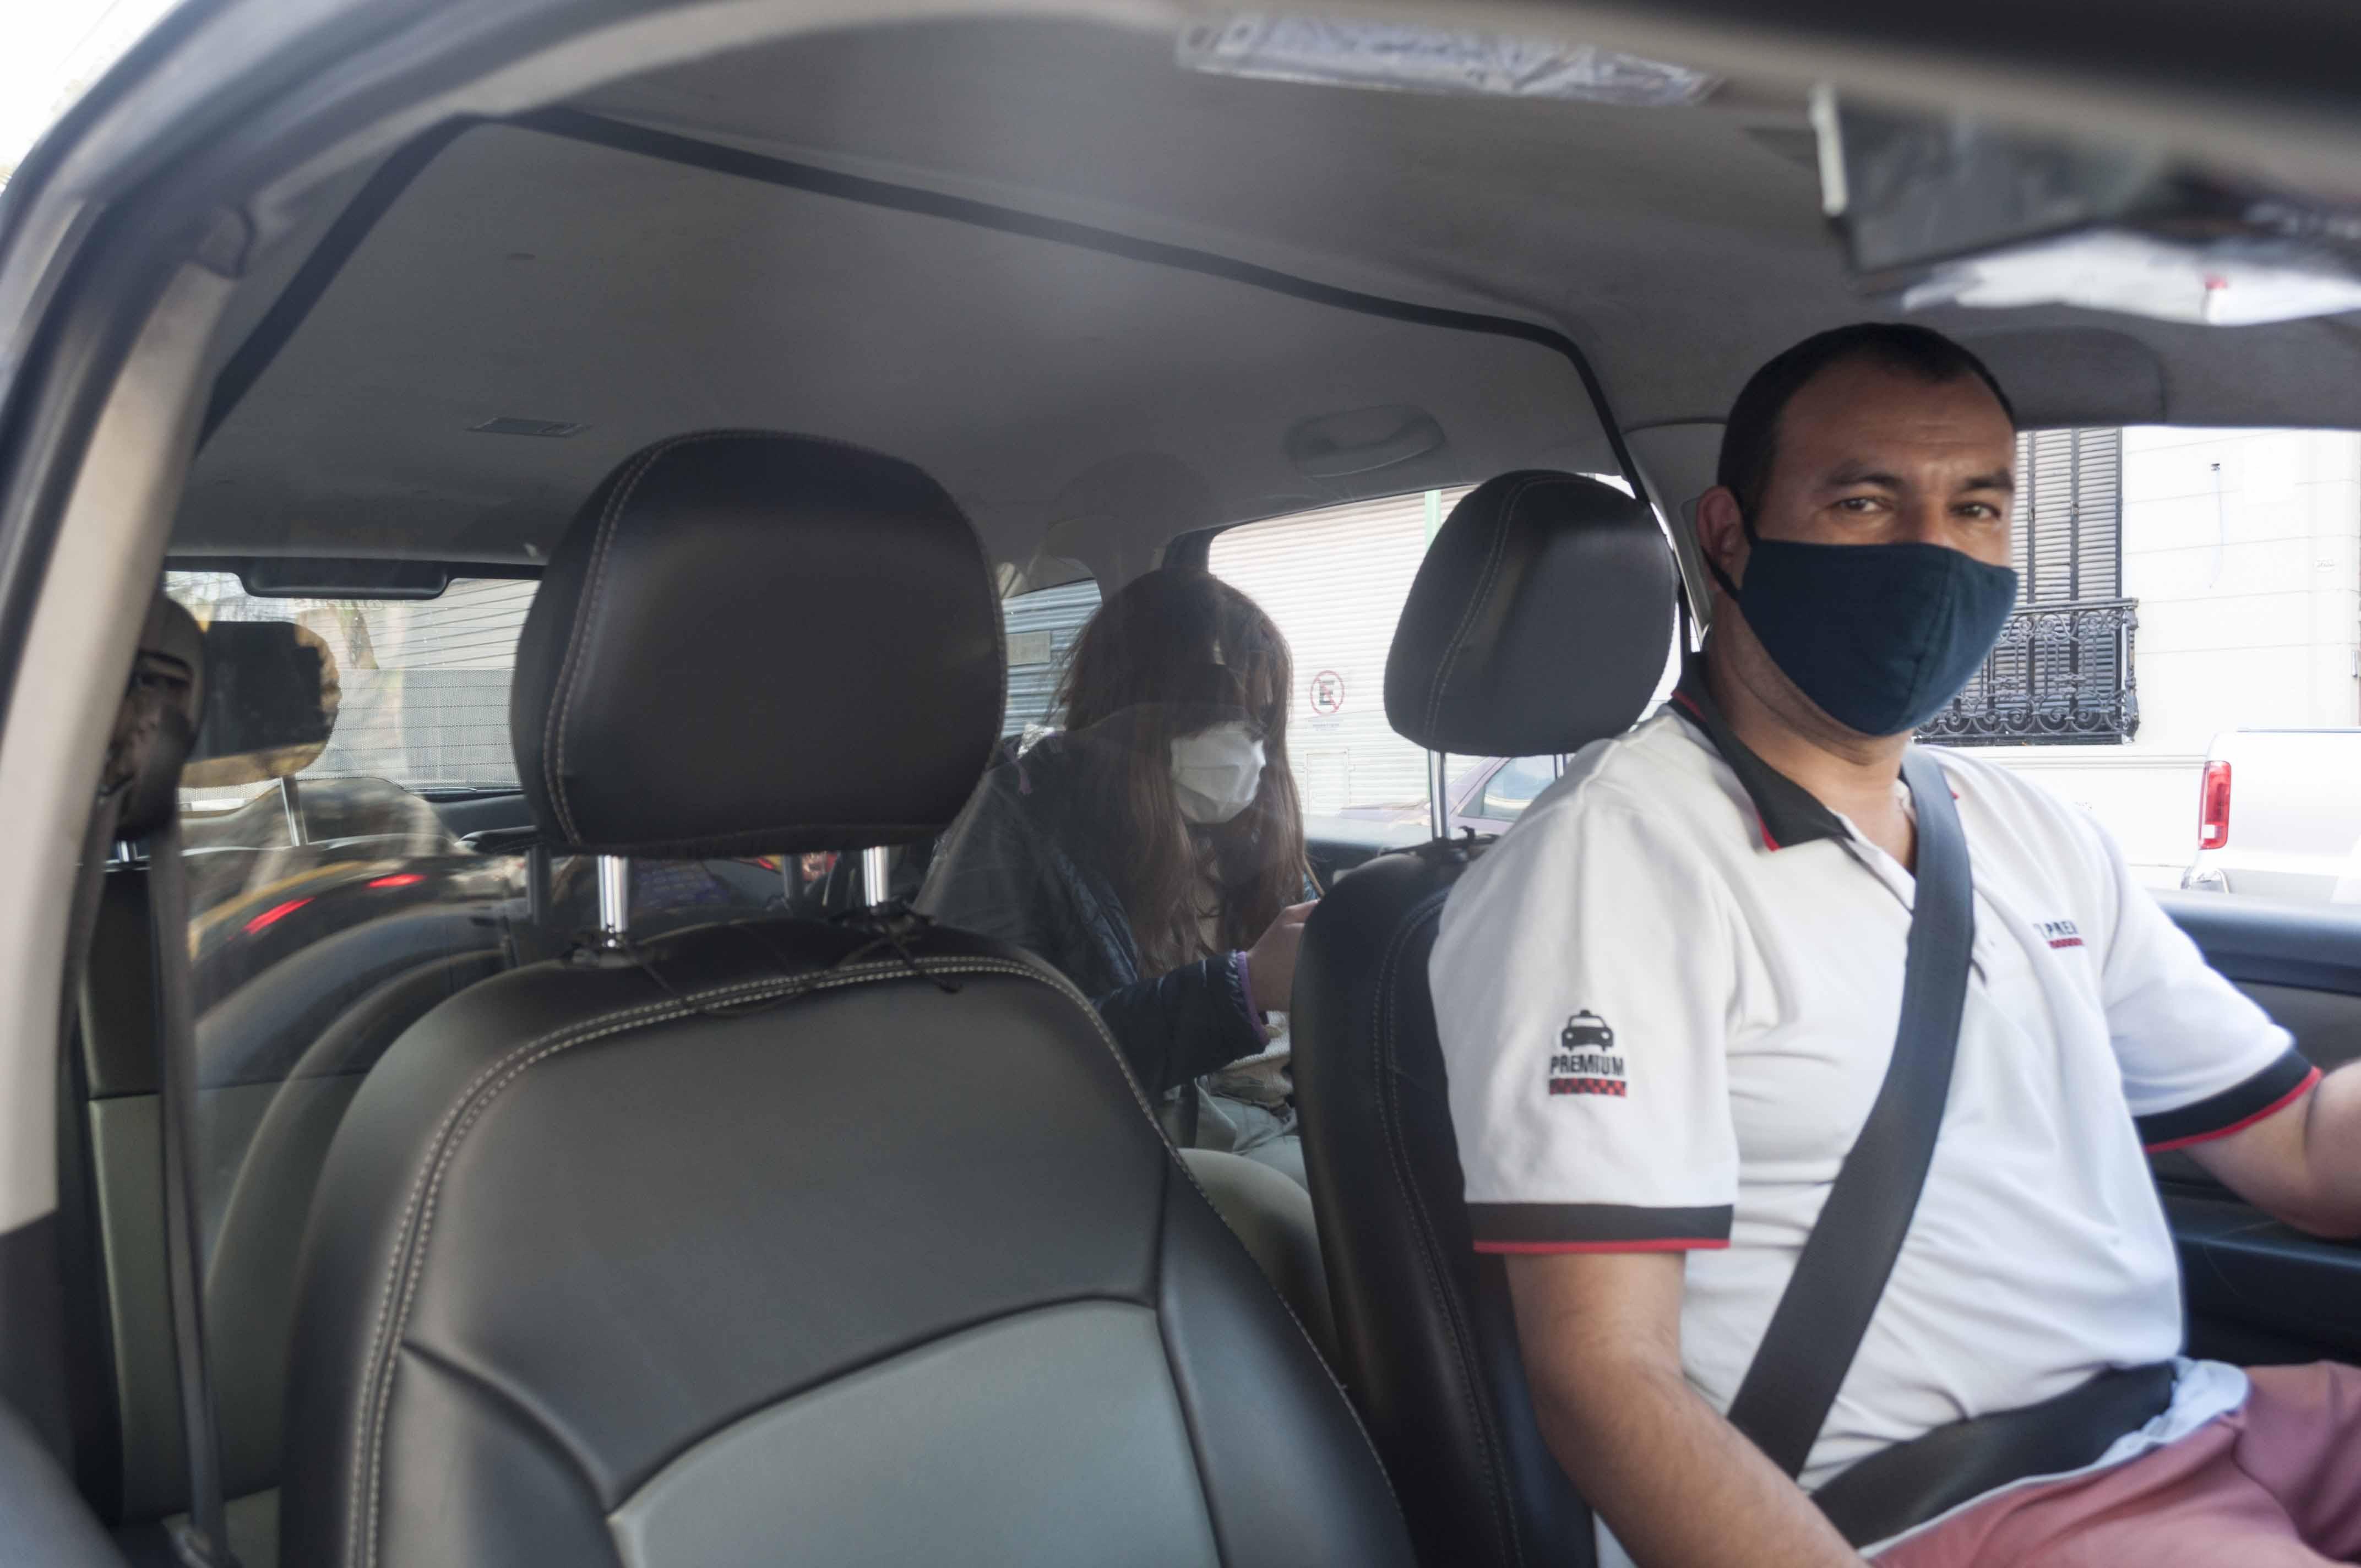 Los taxis implementaron divisores en los vehículos y el uso obligatorio de tapabocas